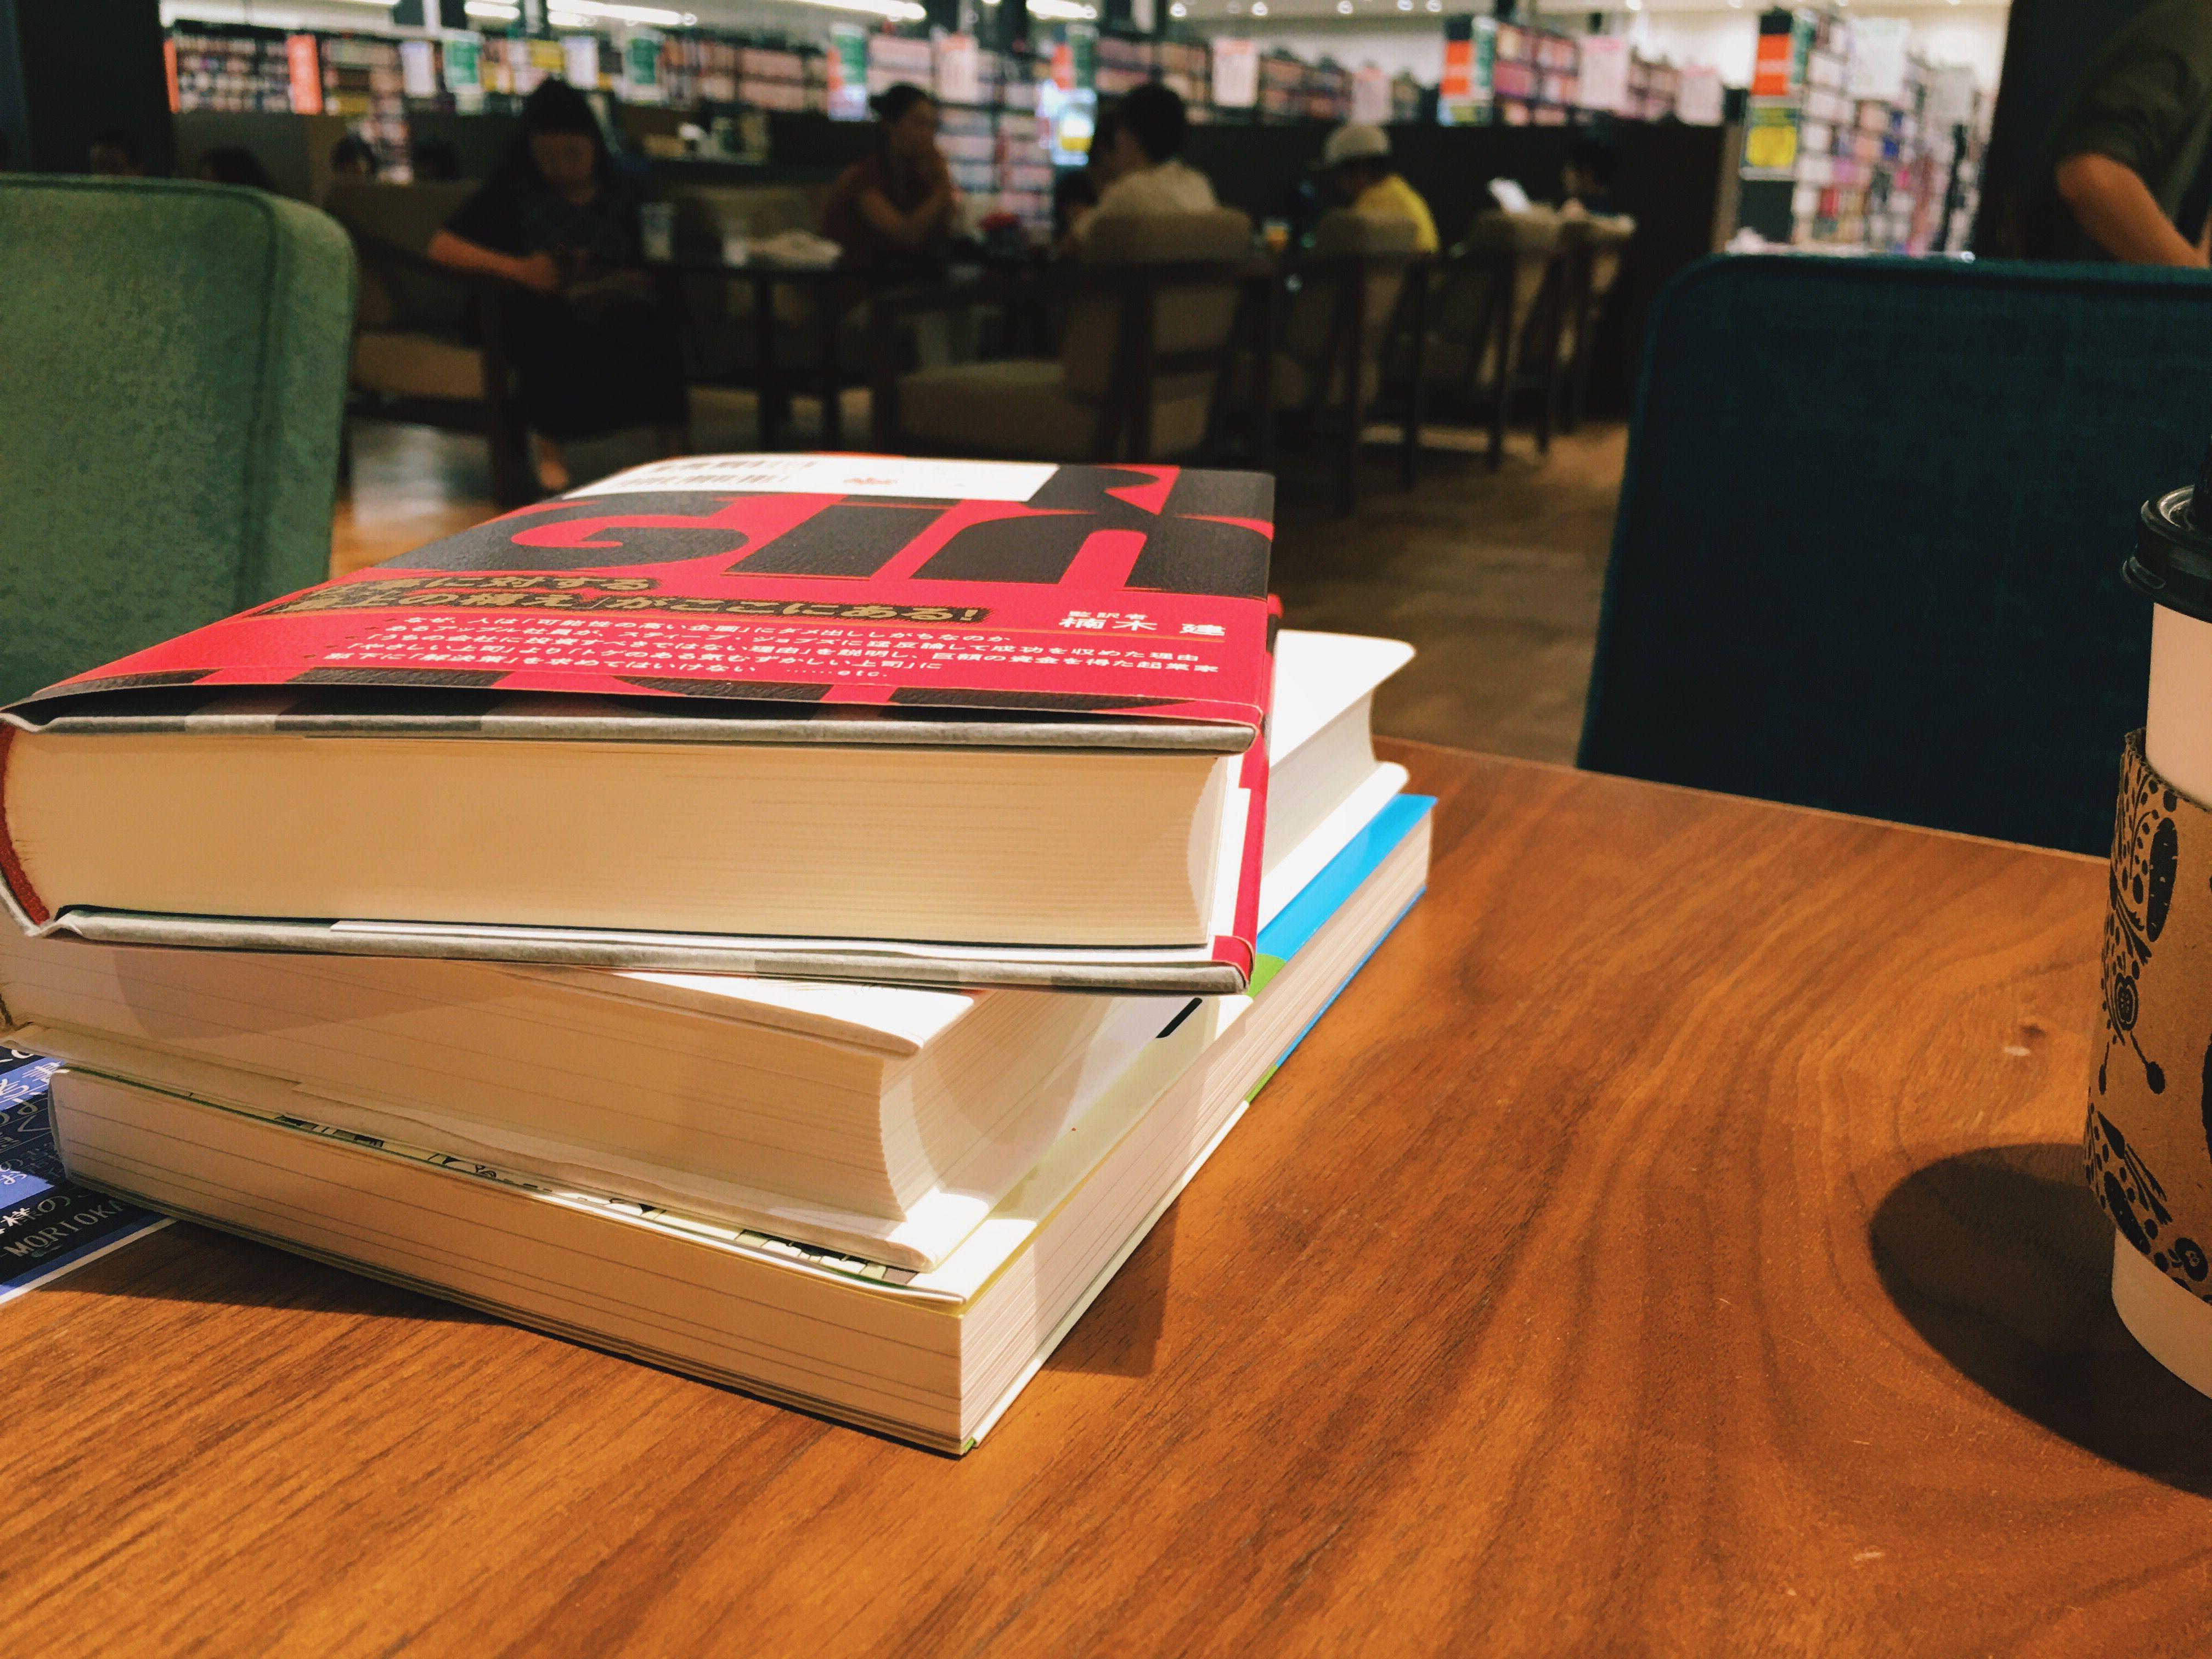 人生をよりよく生き抜くスキルが身に付く読書法  『頭は「本の読み方」で磨かれる(その1)』by 茂木健一郎